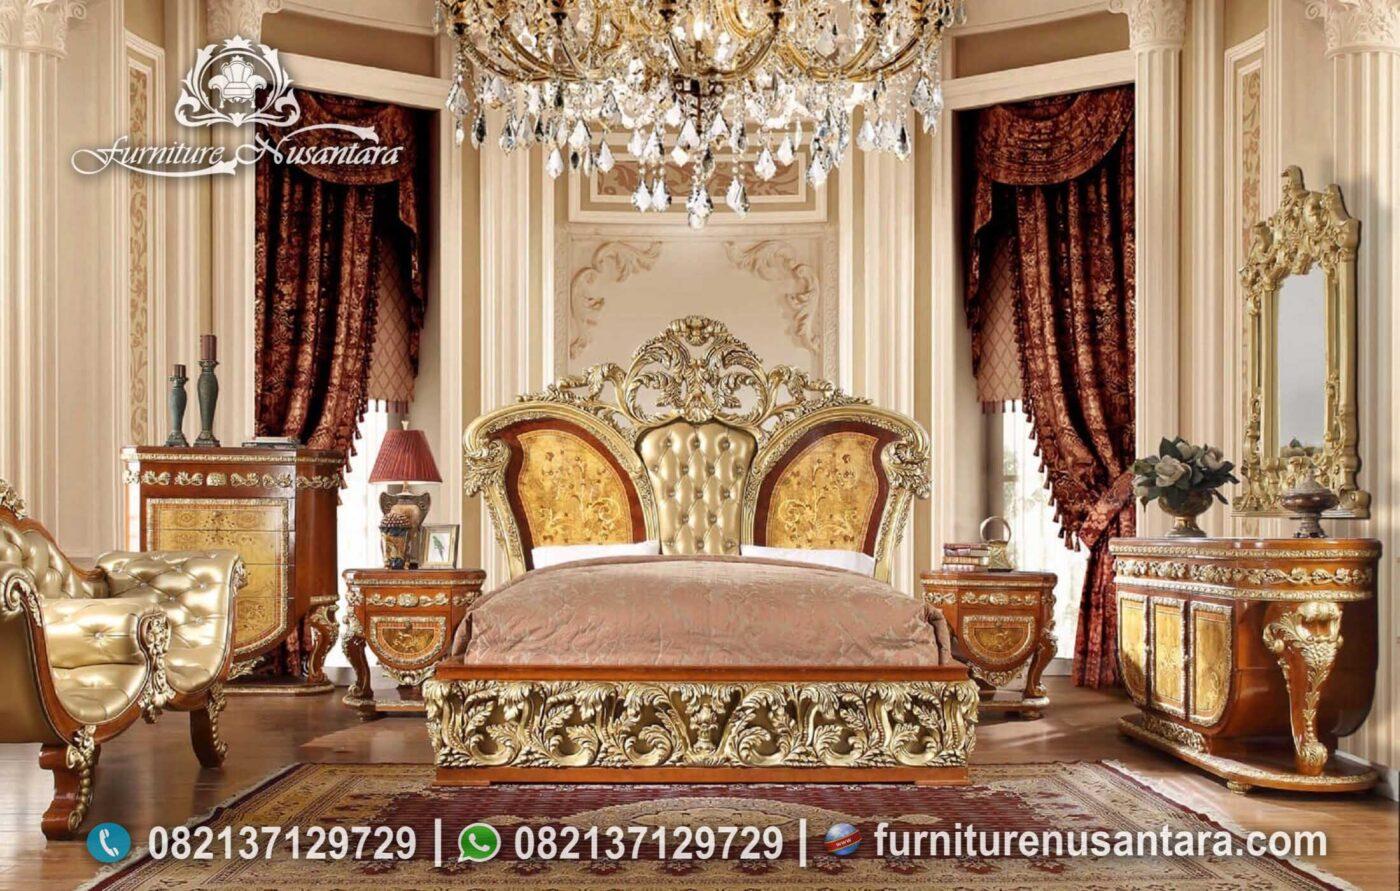 Desain Kamar Tidur Raja Mewah Terbaik KS-176, Furniture Nusantara